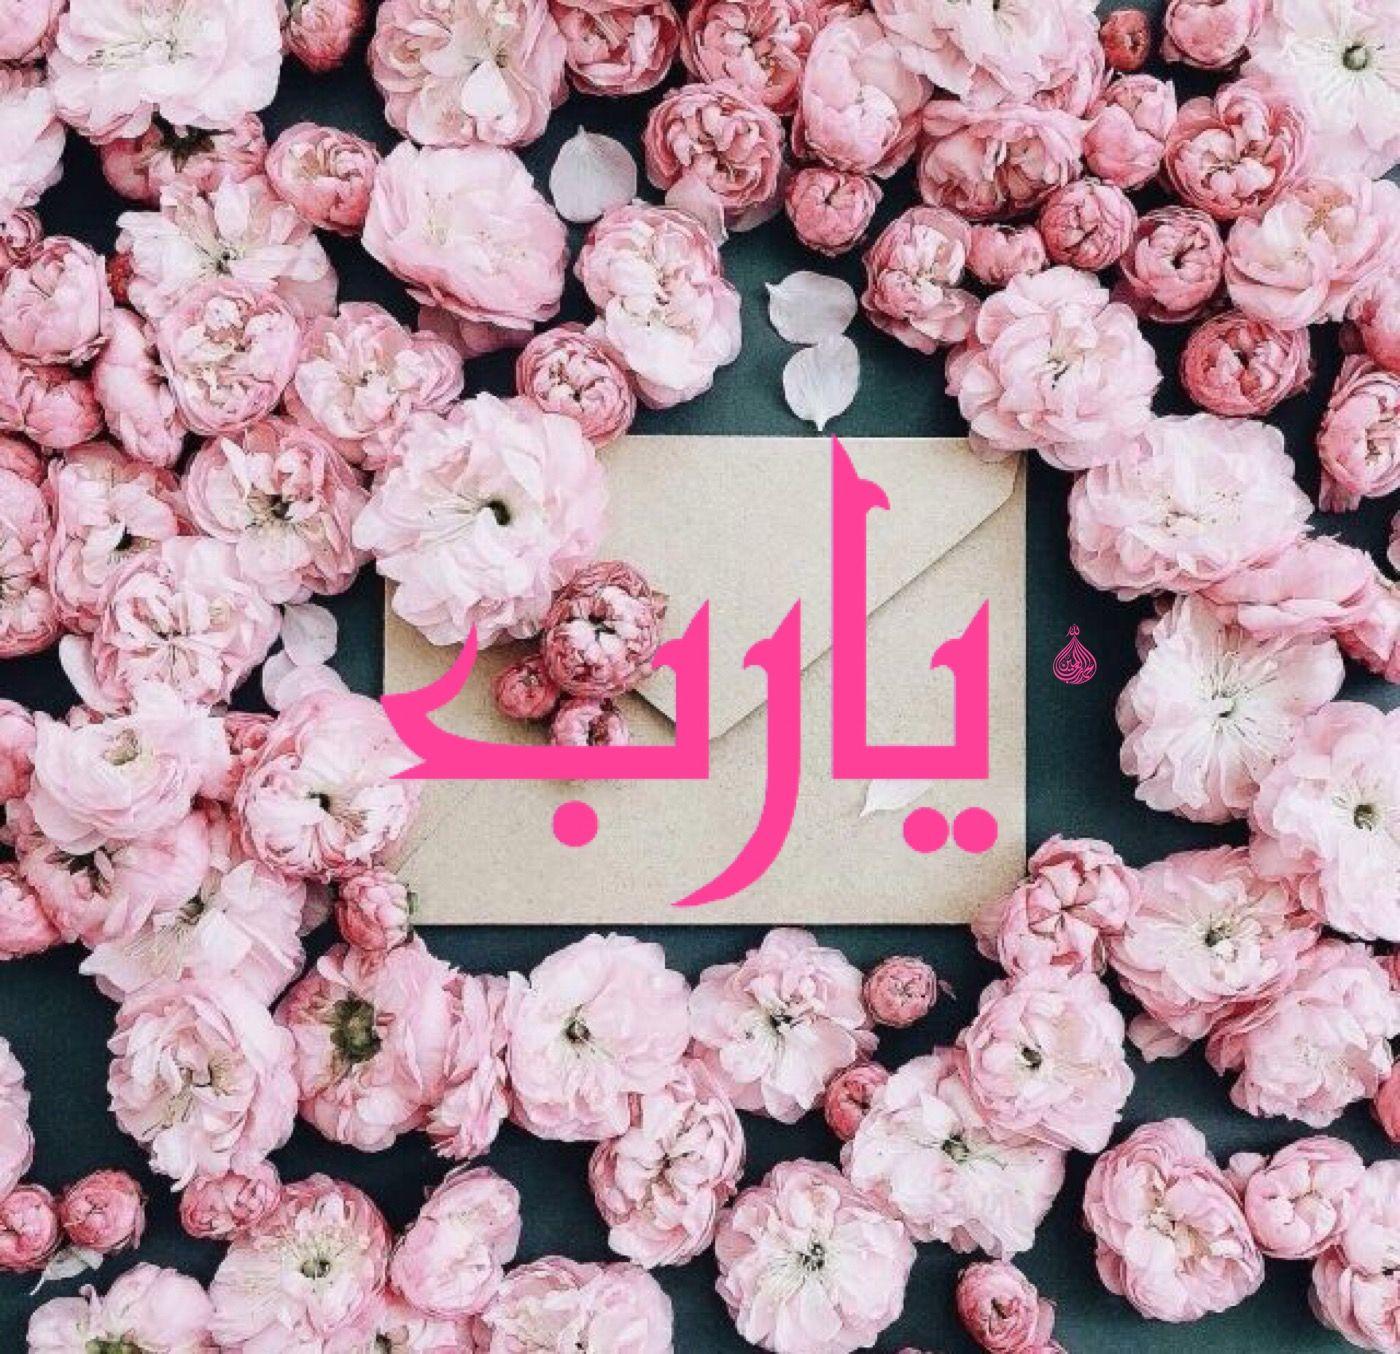 أدعيةإسلاميه أذكار دعاء صورإسلامية الله الله اكبر استغفرالله مسلم قرأن ذكر إسلاميات إيمان أدعيةدينية أدعية من القرأن دع Pink Flowers Beautiful Flowers Floral